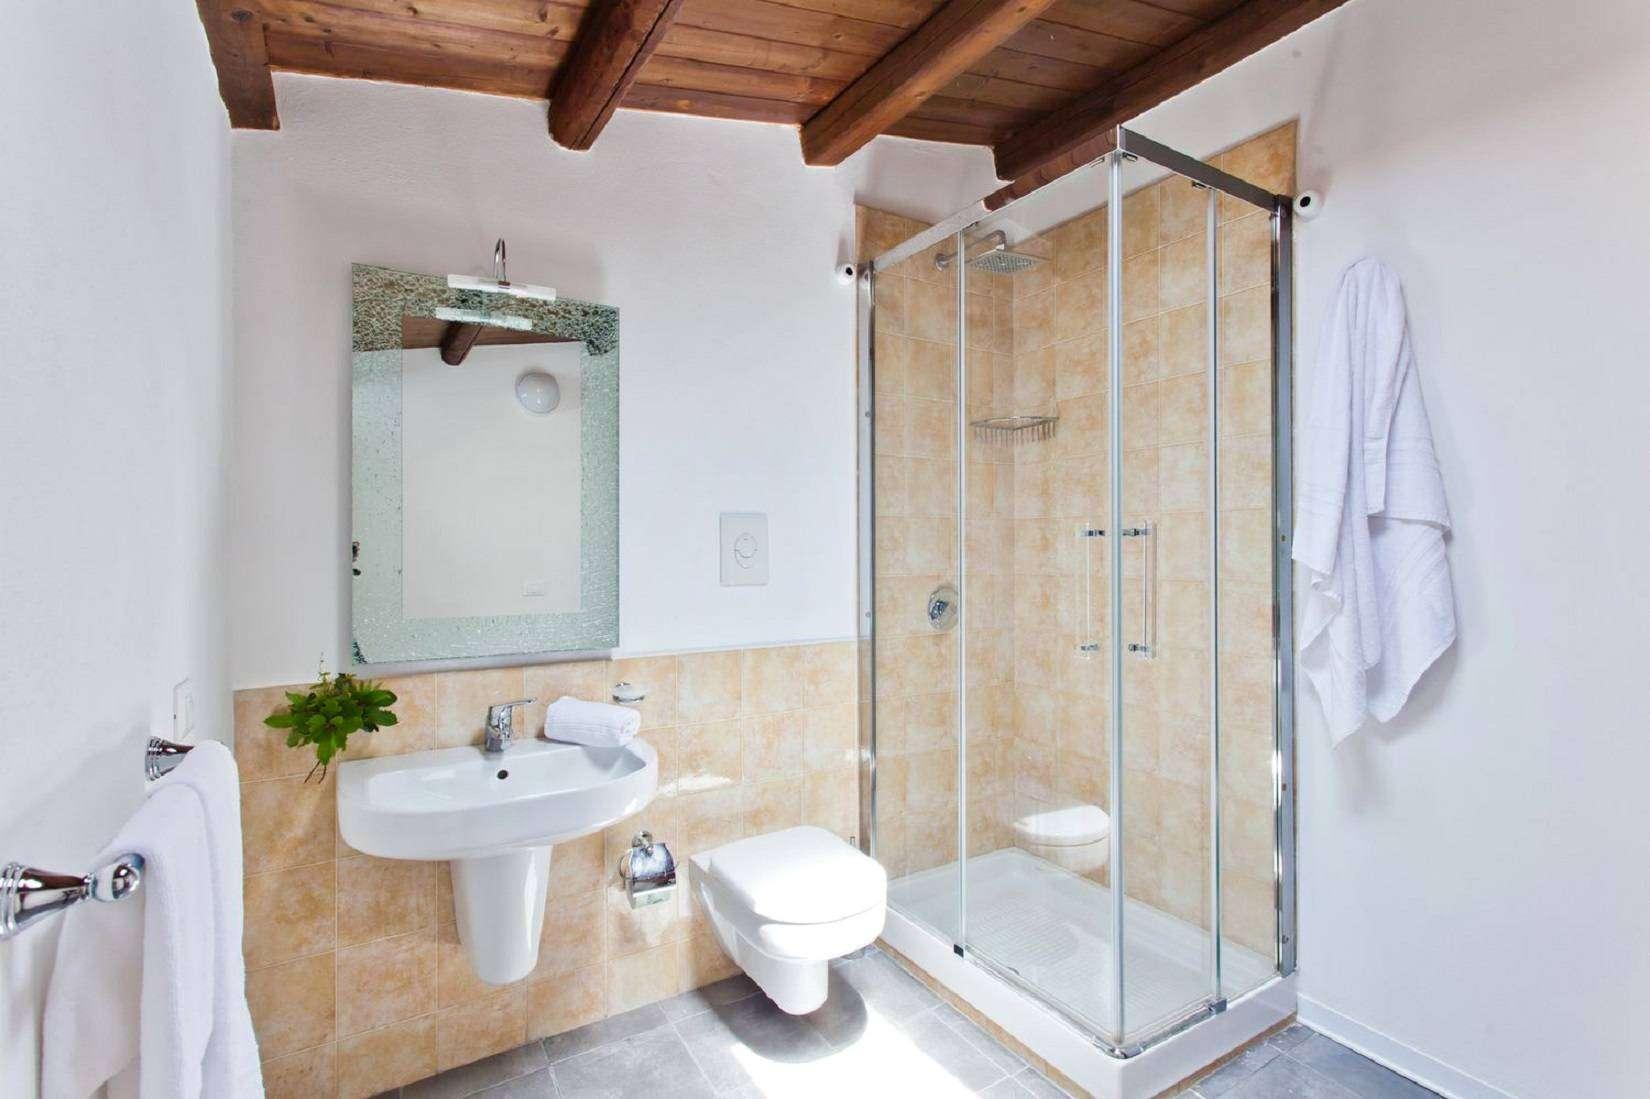 9 La Rocca Bathroom